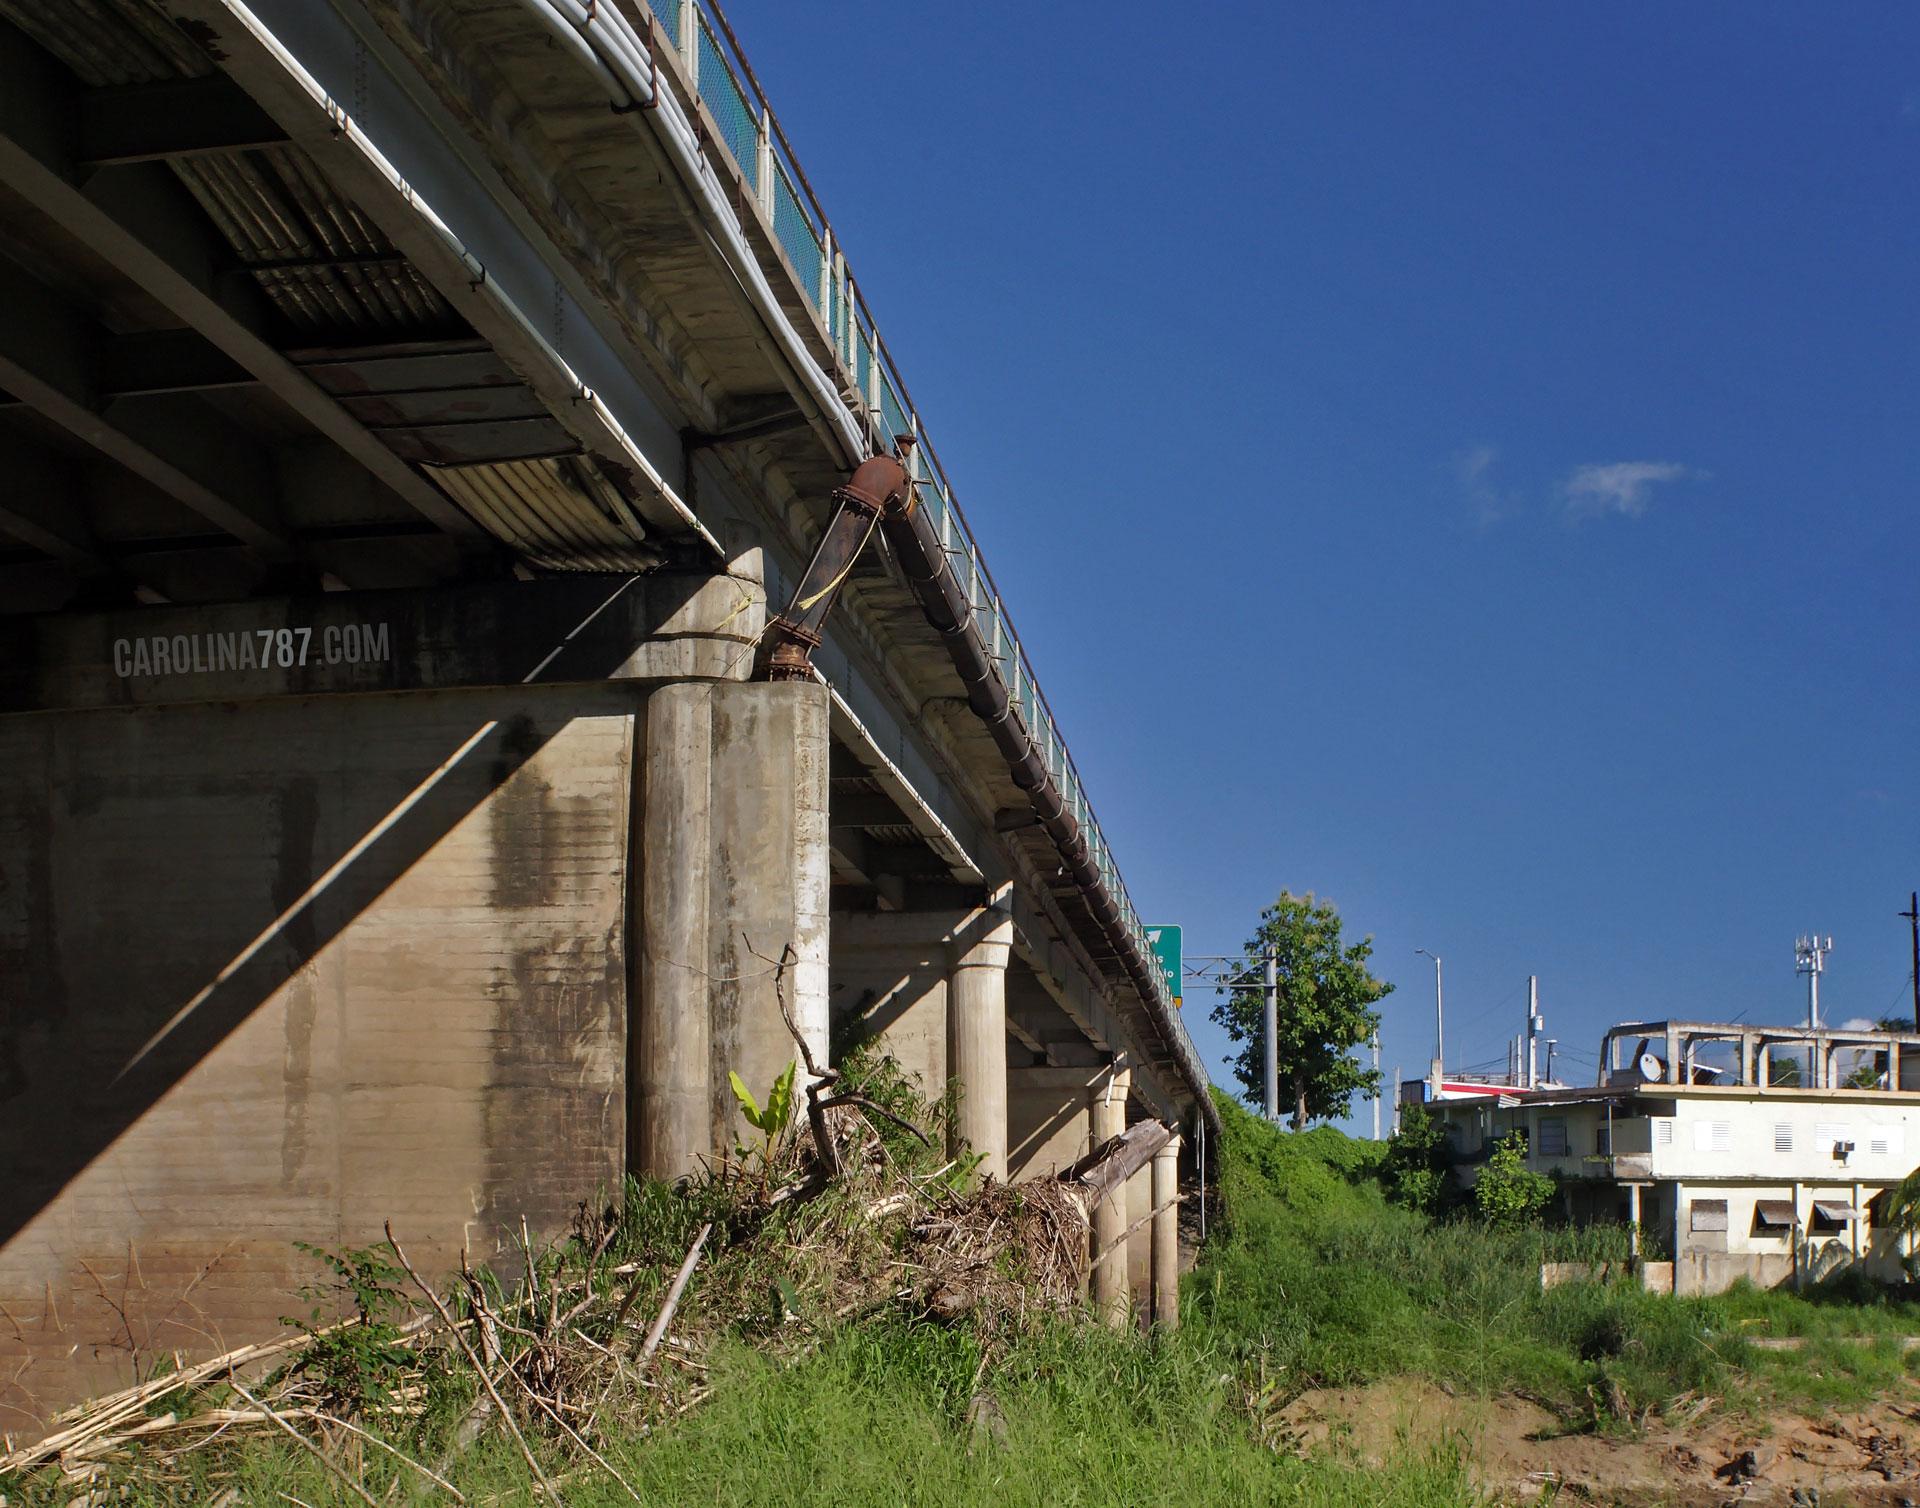 Vista bajo el Puente Julia De Burgos en Carolina, Puerto Rico.